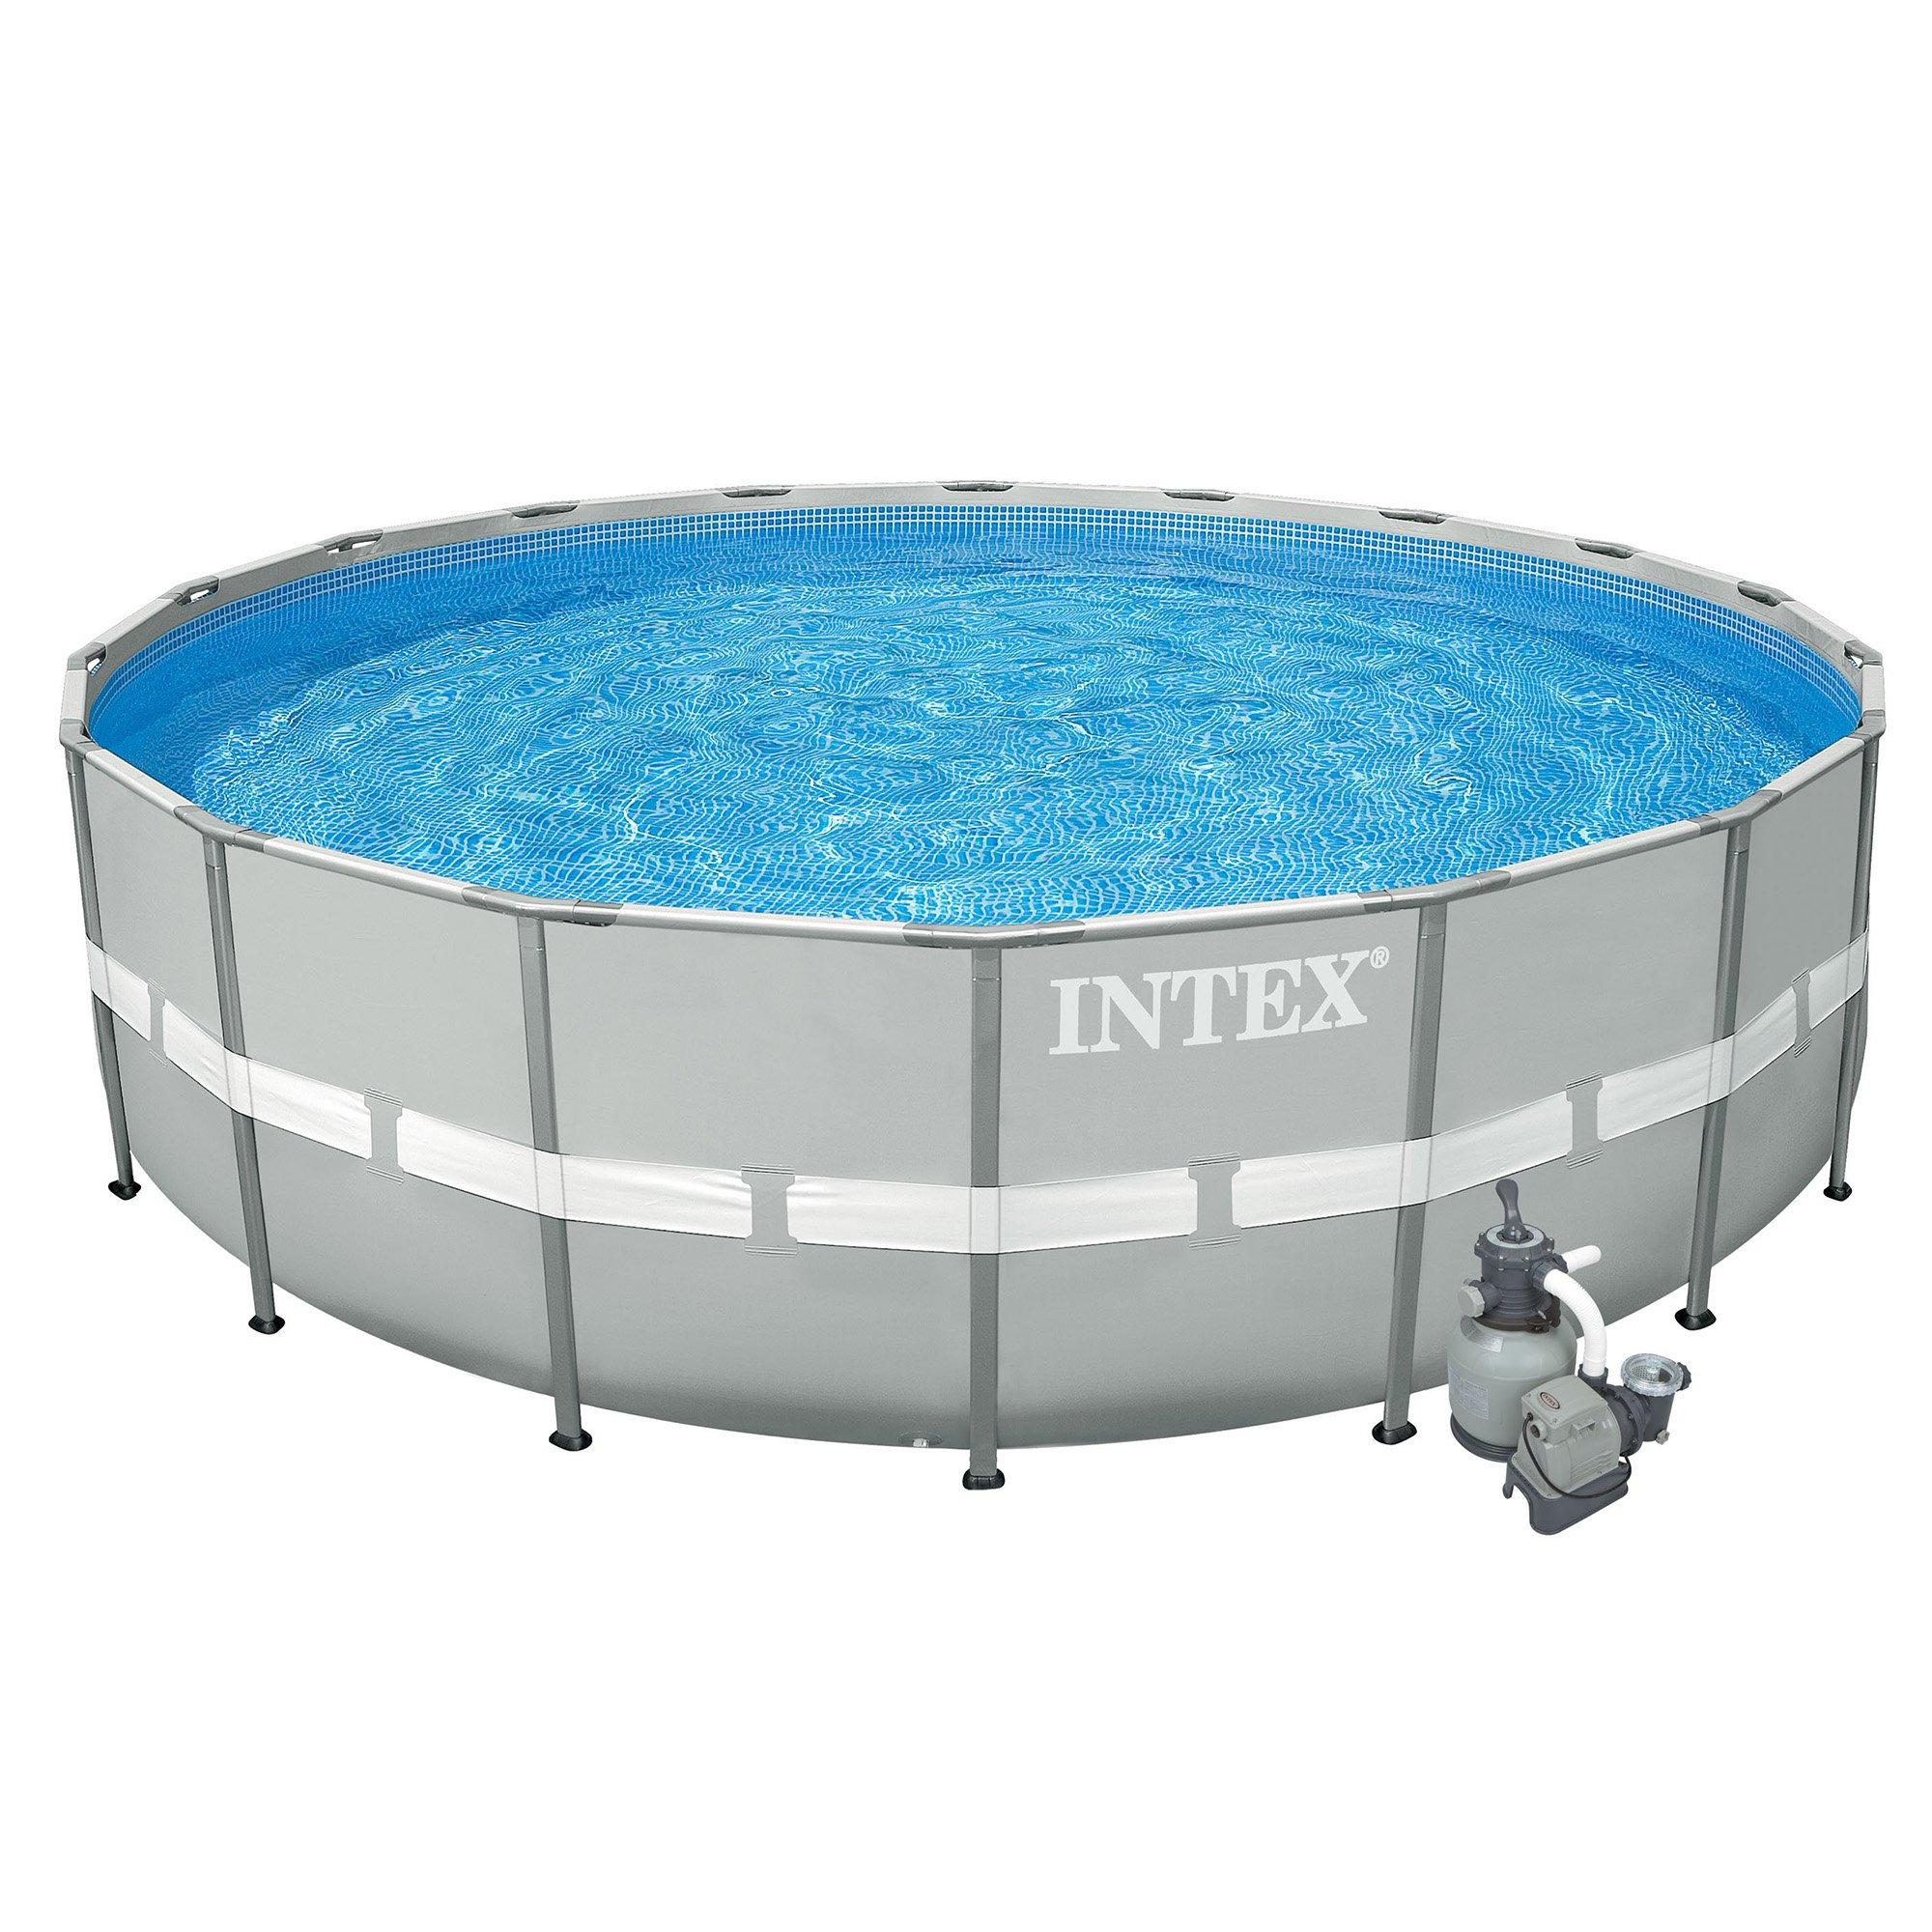 Intex 20\' x 52\